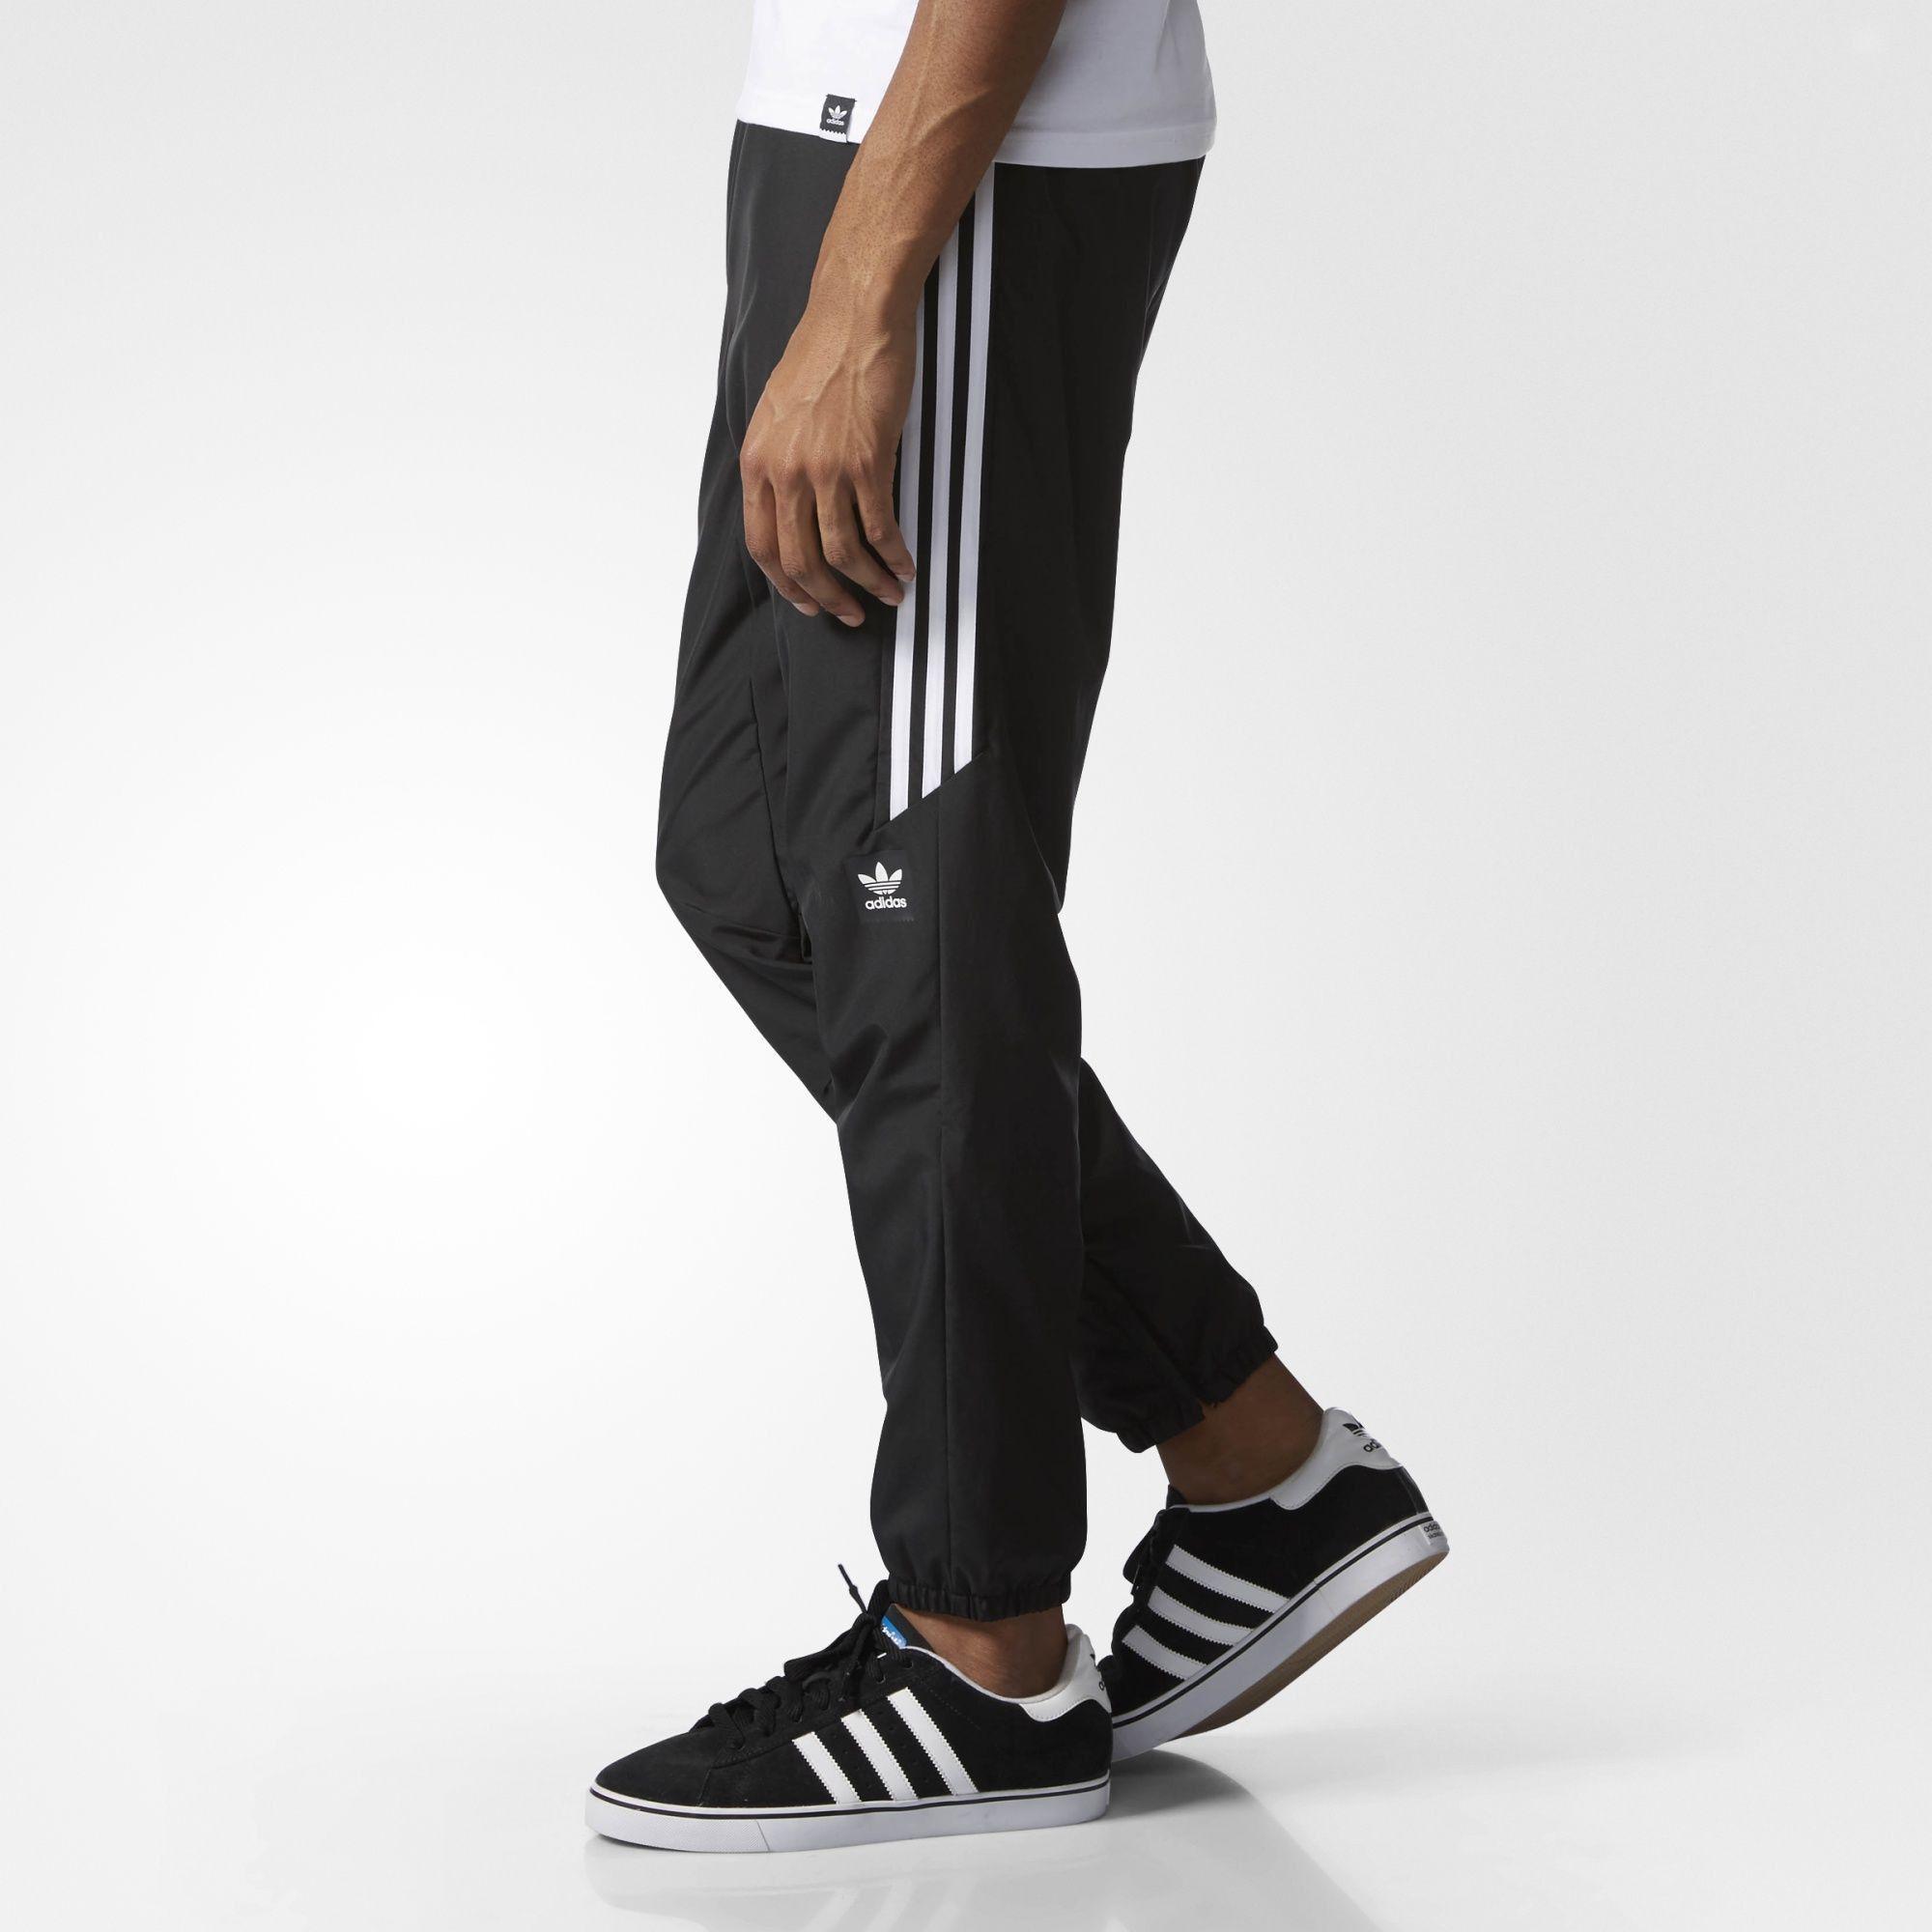 4a12c2e7c991 Adidas Premiere Track Pants